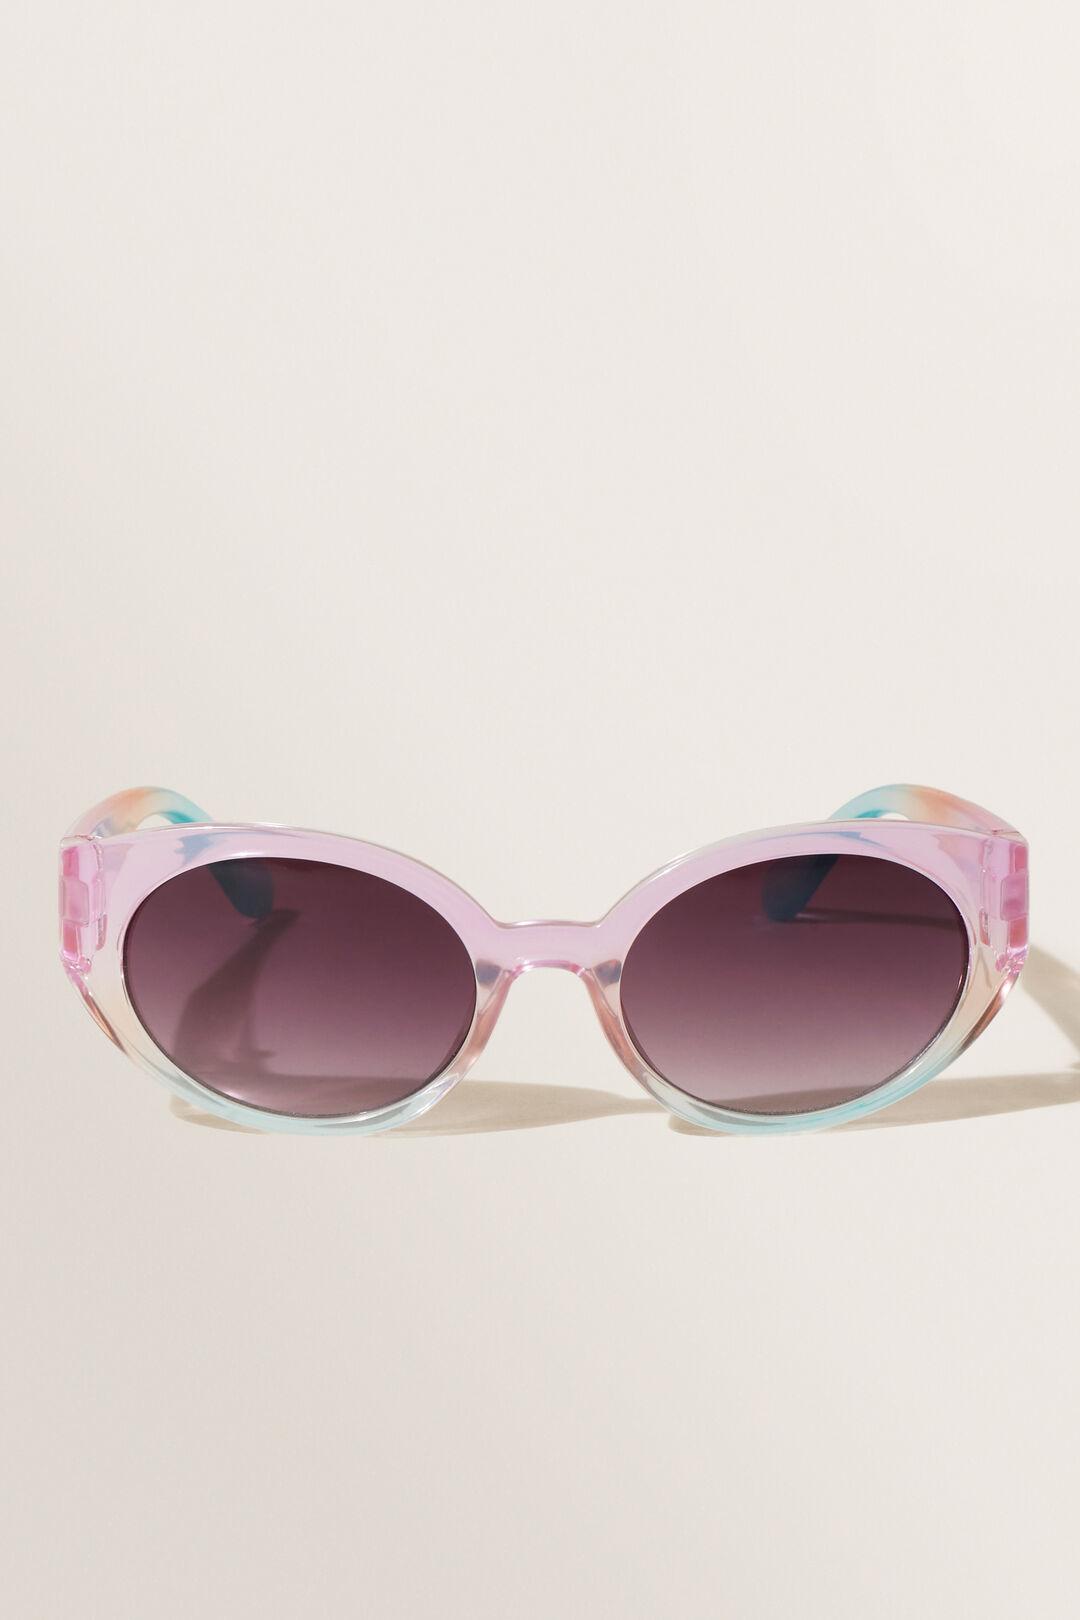 Ombre Oval Sunglasses  MULTI  hi-res